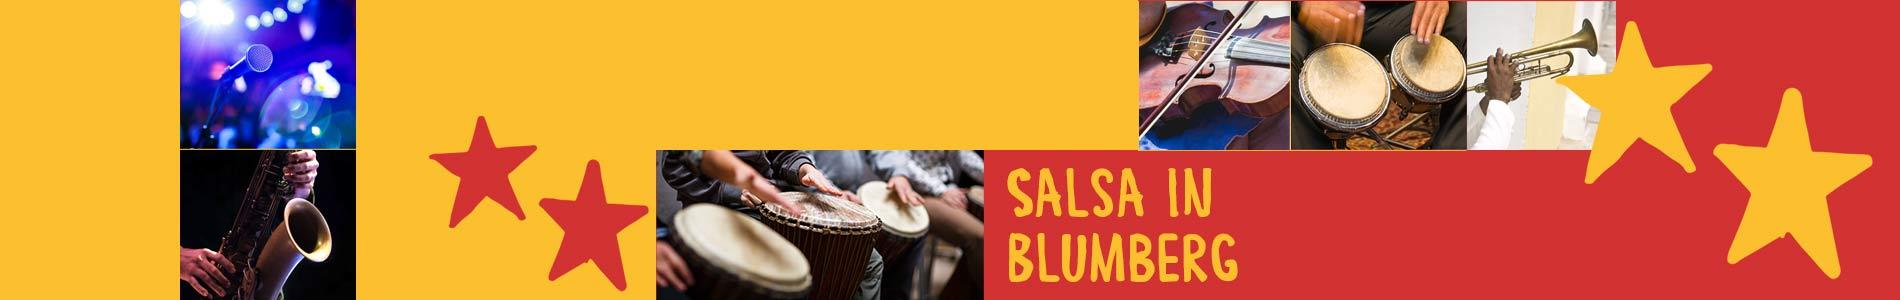 Salsa in Blumberg – Salsa lernen und tanzen, Tanzkurse, Partys, Veranstaltungen